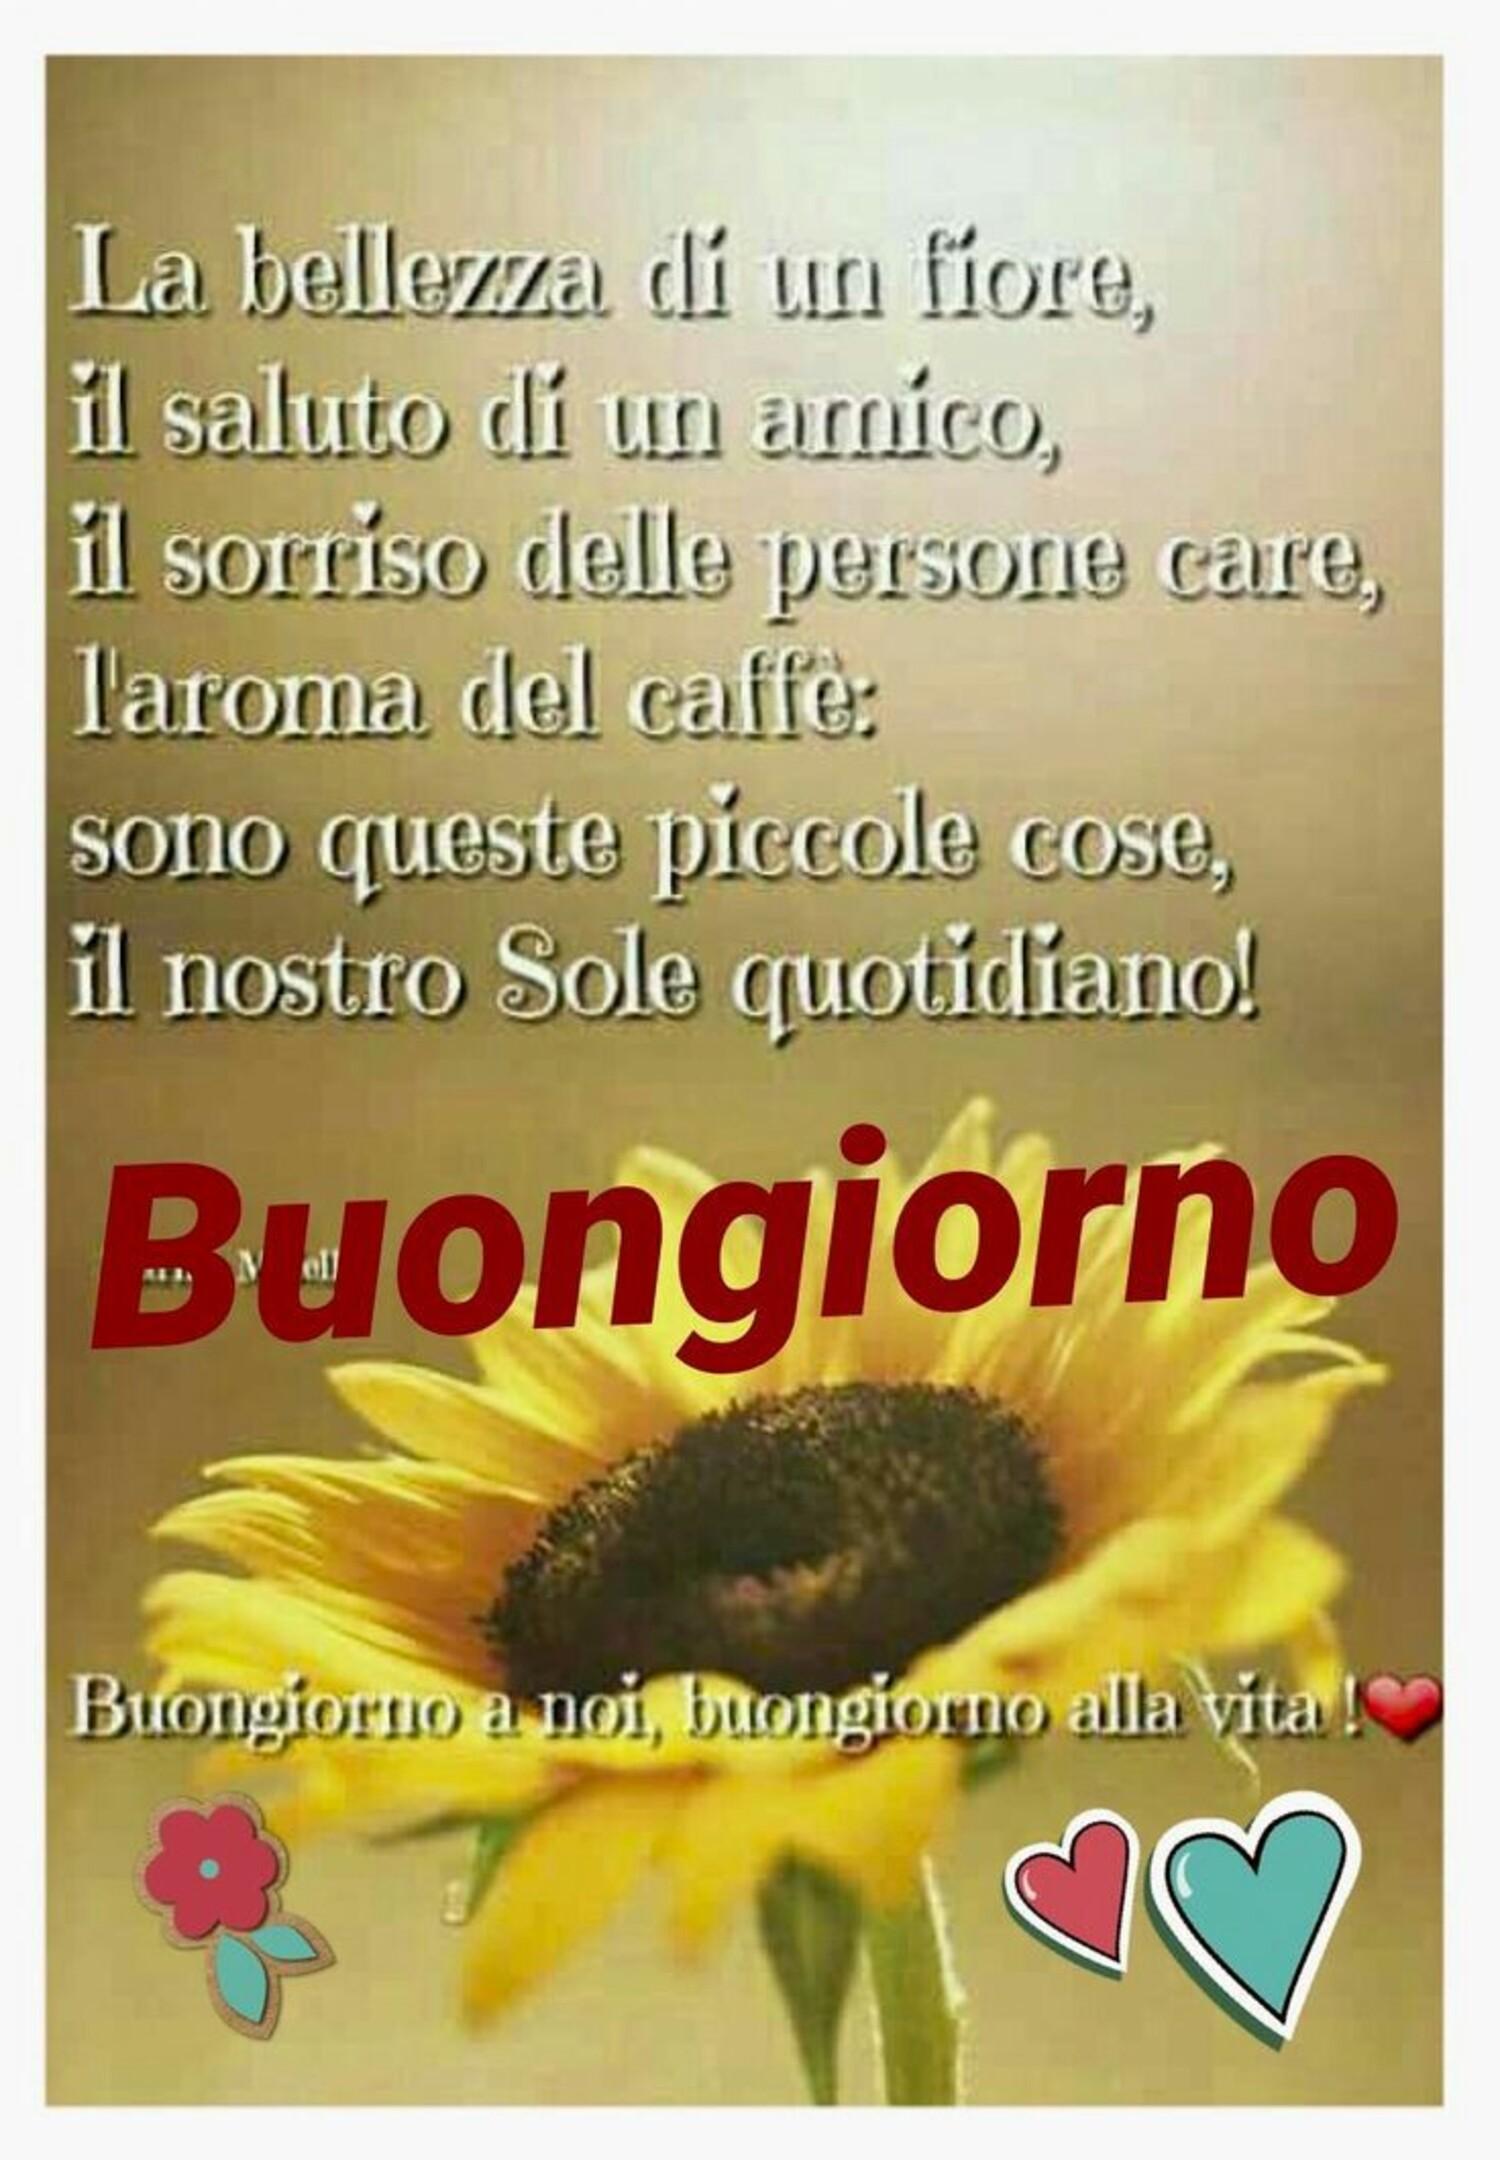 La bellezza di un fiore, il saluto di un amico, il sorriso delle persone care, l'aroma del caffè: Sono queste piccole cose, il nostro Sole quotidiano! Buongiorno